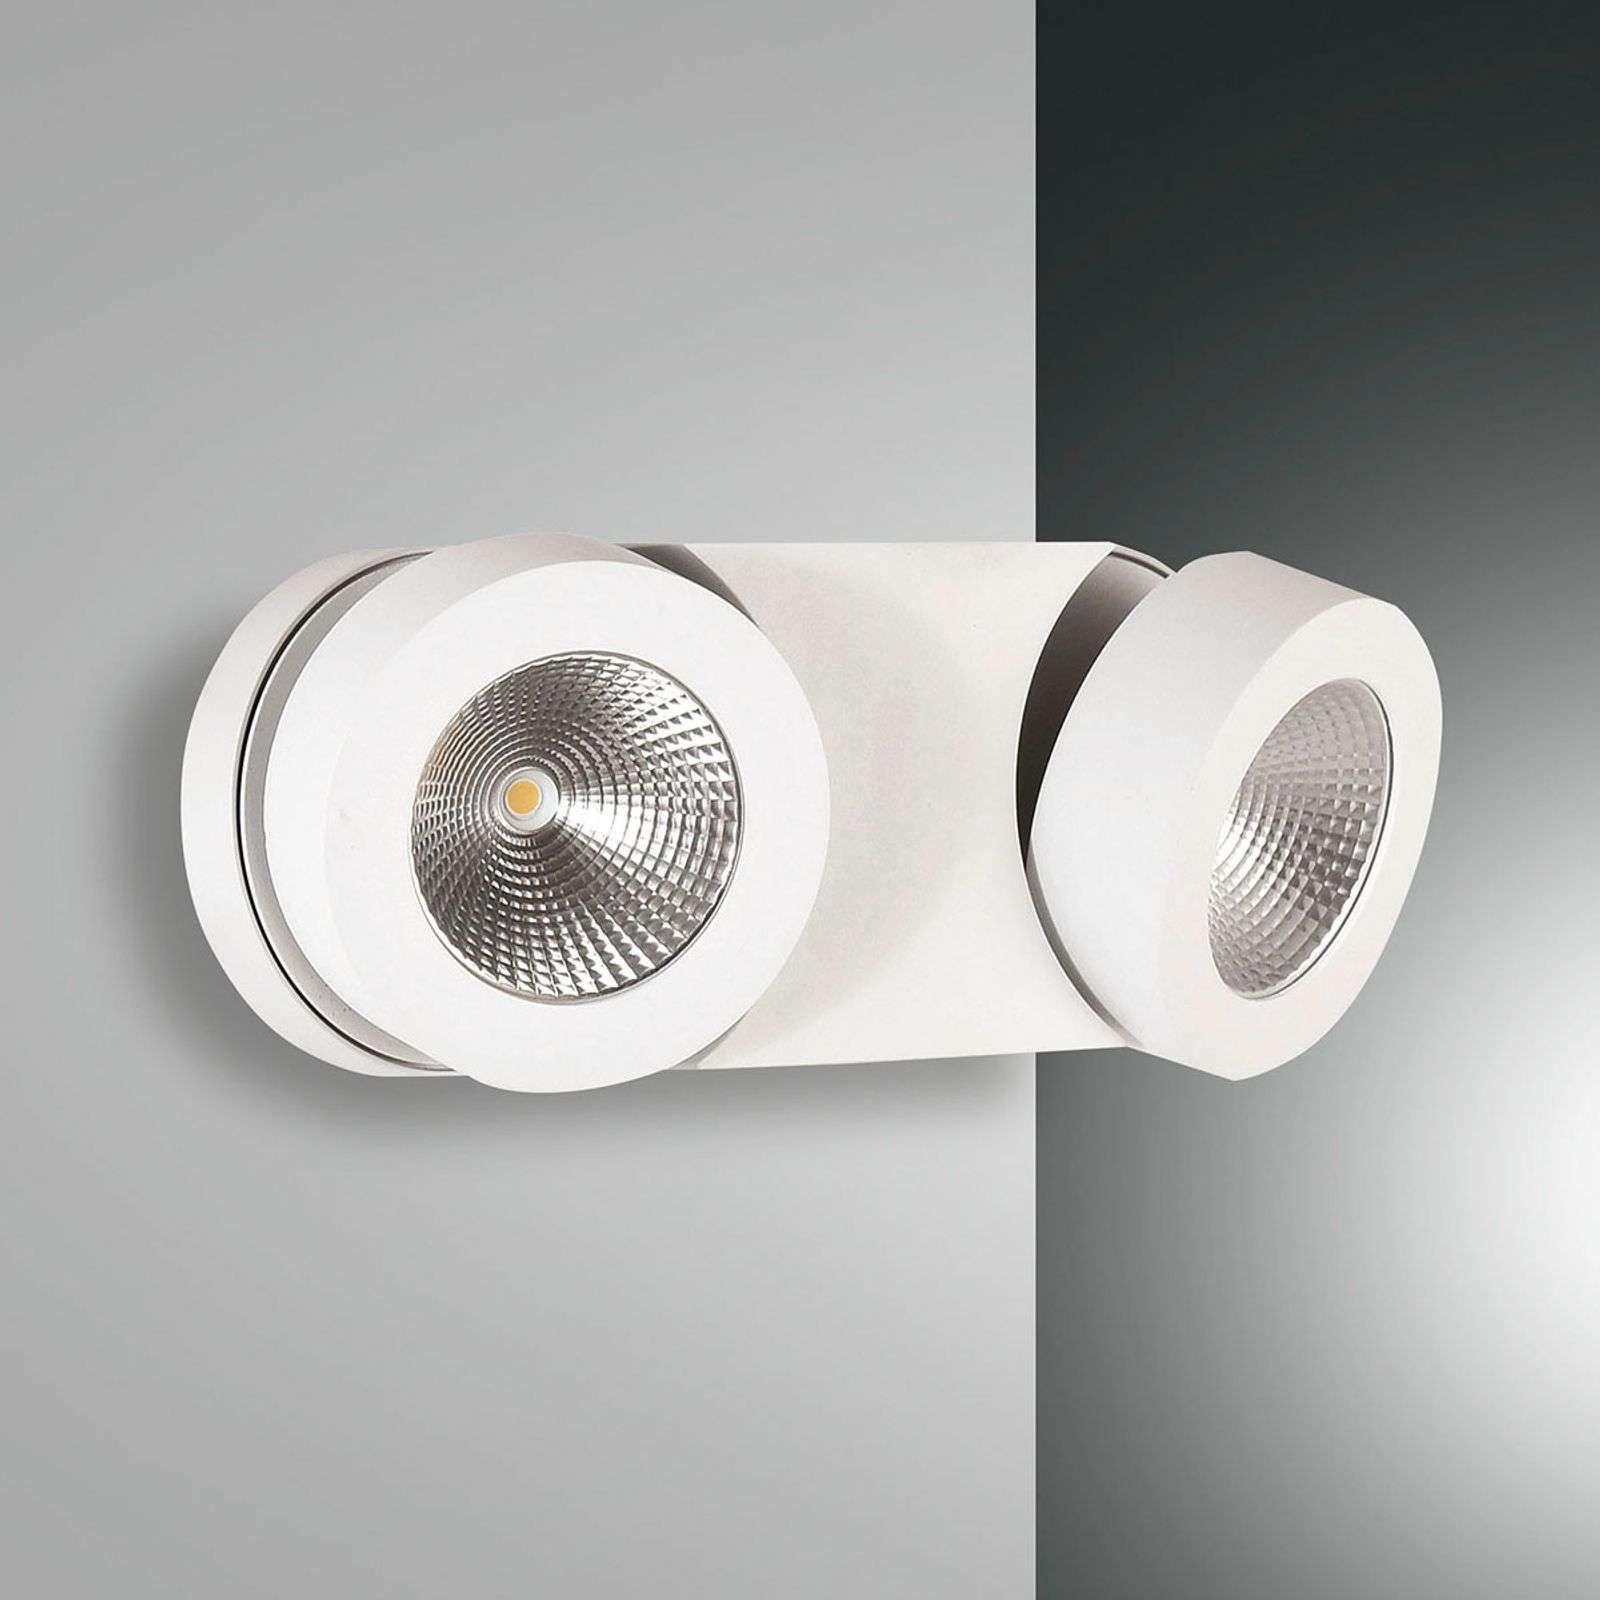 Led Lampe Selber Bauen Fahrrad Tischlampe 50 Cm Hoch Wandleuchte Bad Shabby Tischlampe 50 Cm Stehlampe Dreibein Dimmbar Led Led Wandlampen Wandleuchte